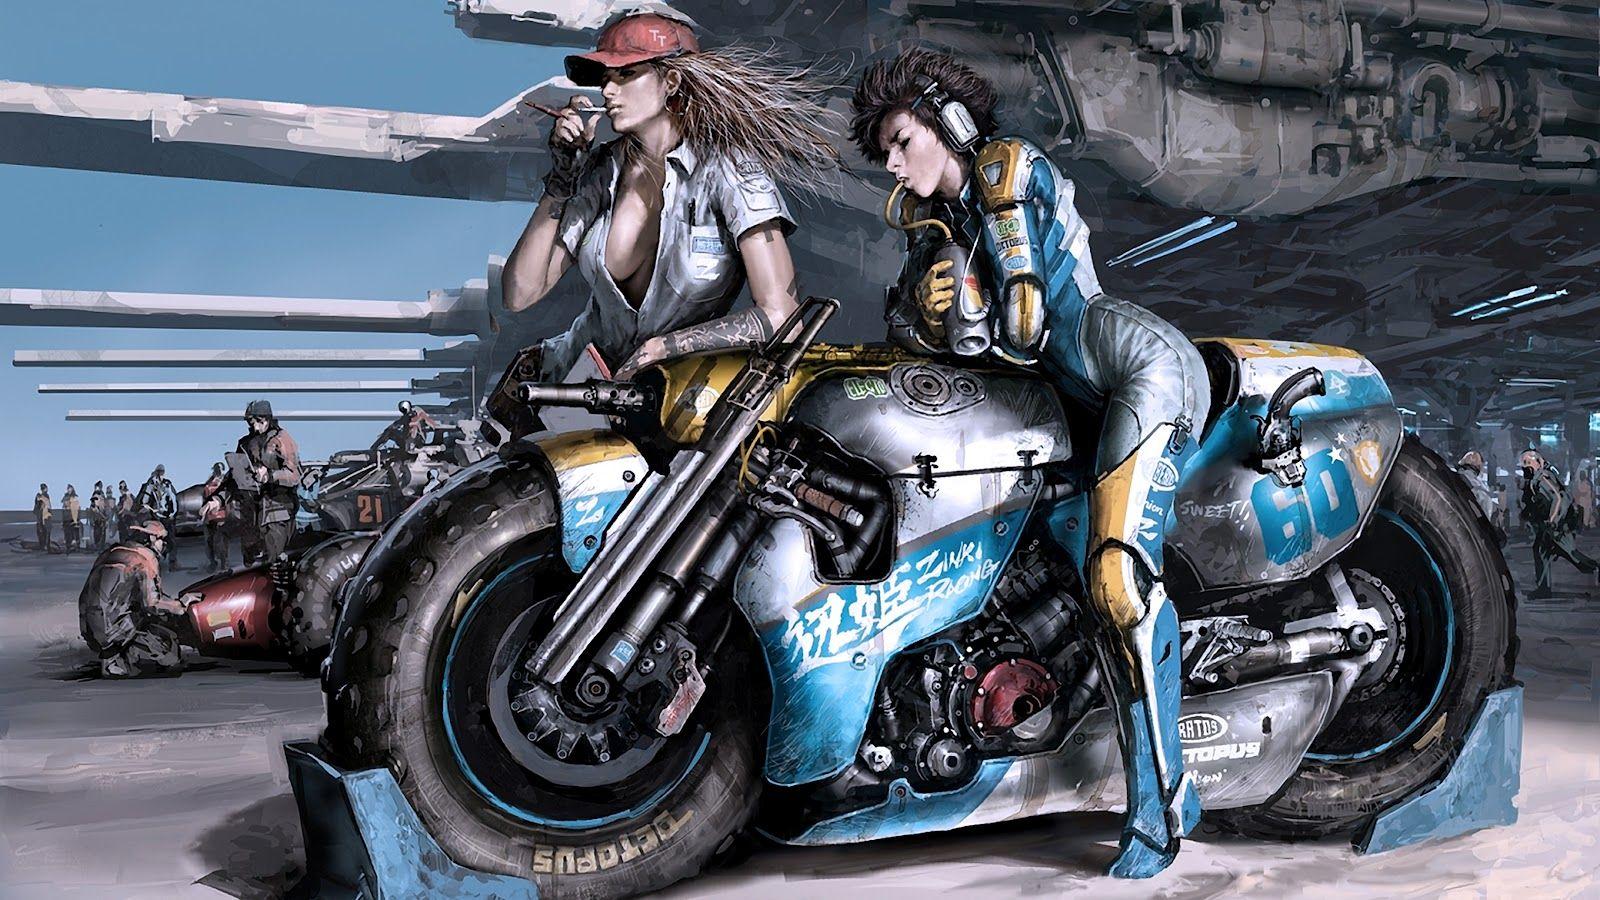 Sexy sci fi anime girl sci fi futuristic motorcylce jet